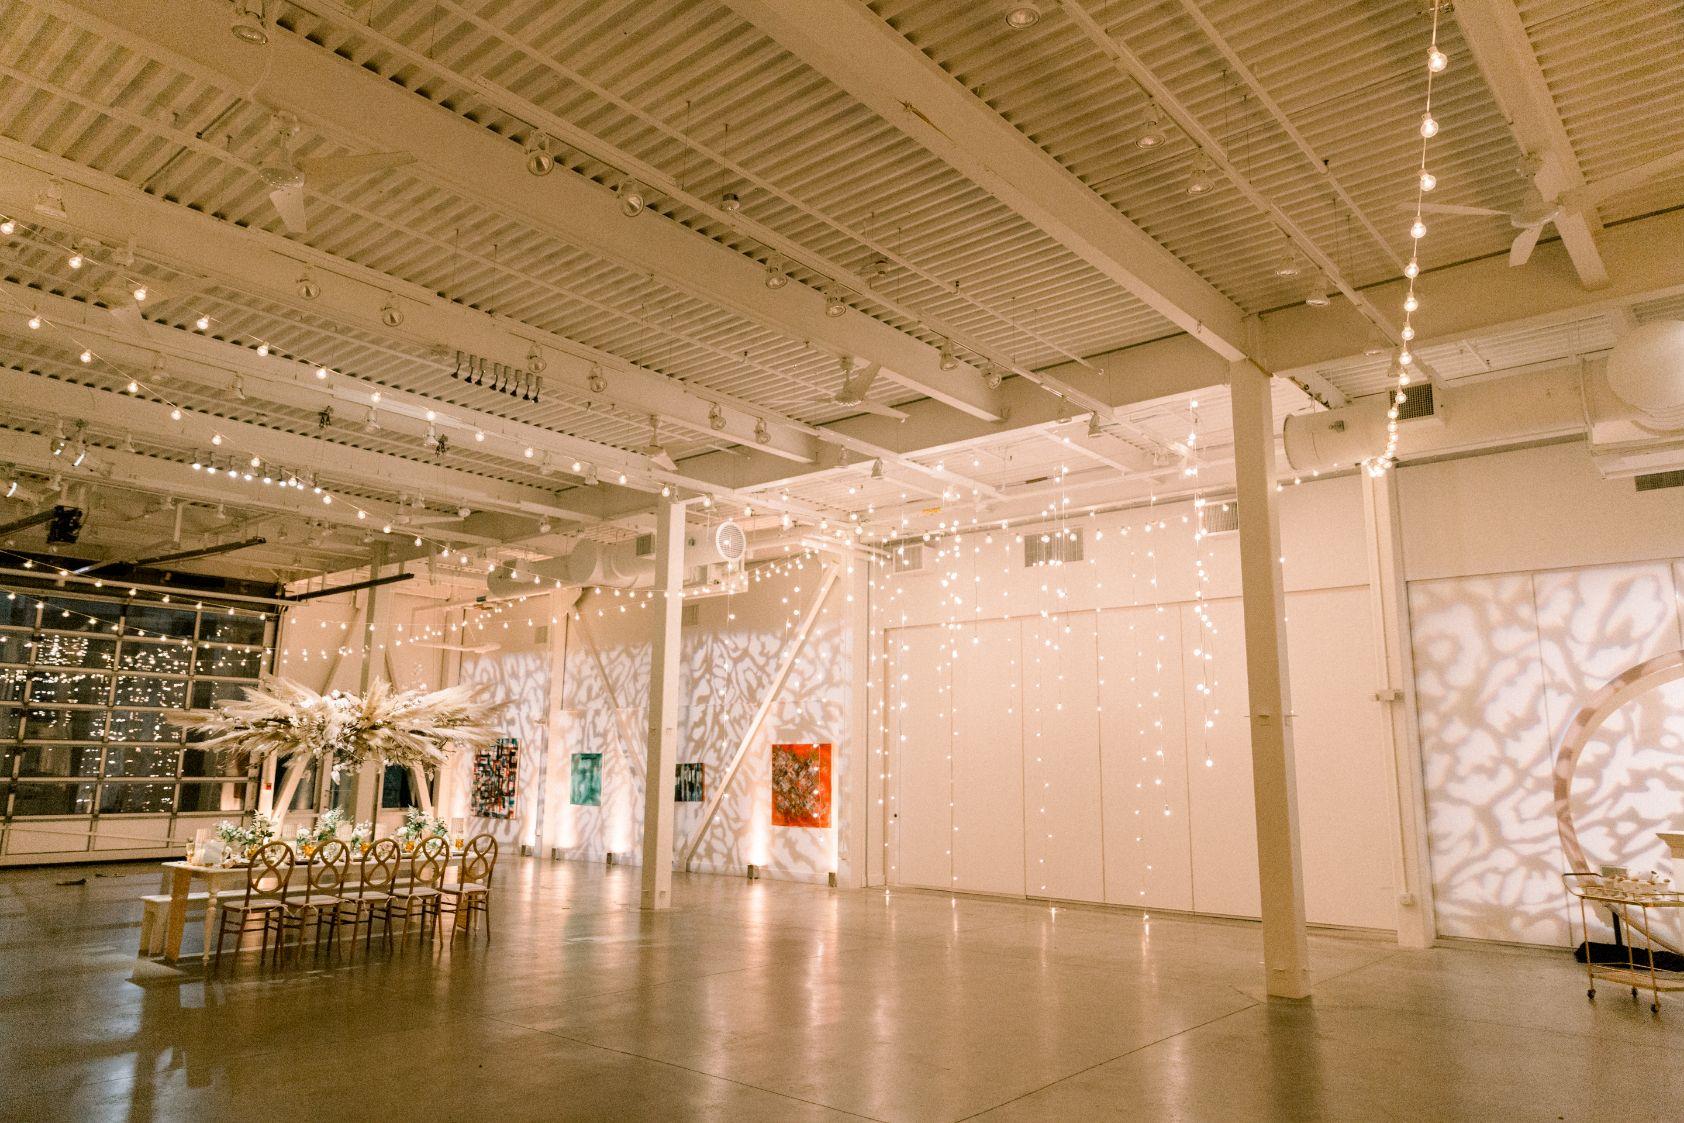 artists-for-humanity-industrial-bohemian-wedding-daylynn-designs400.jpg